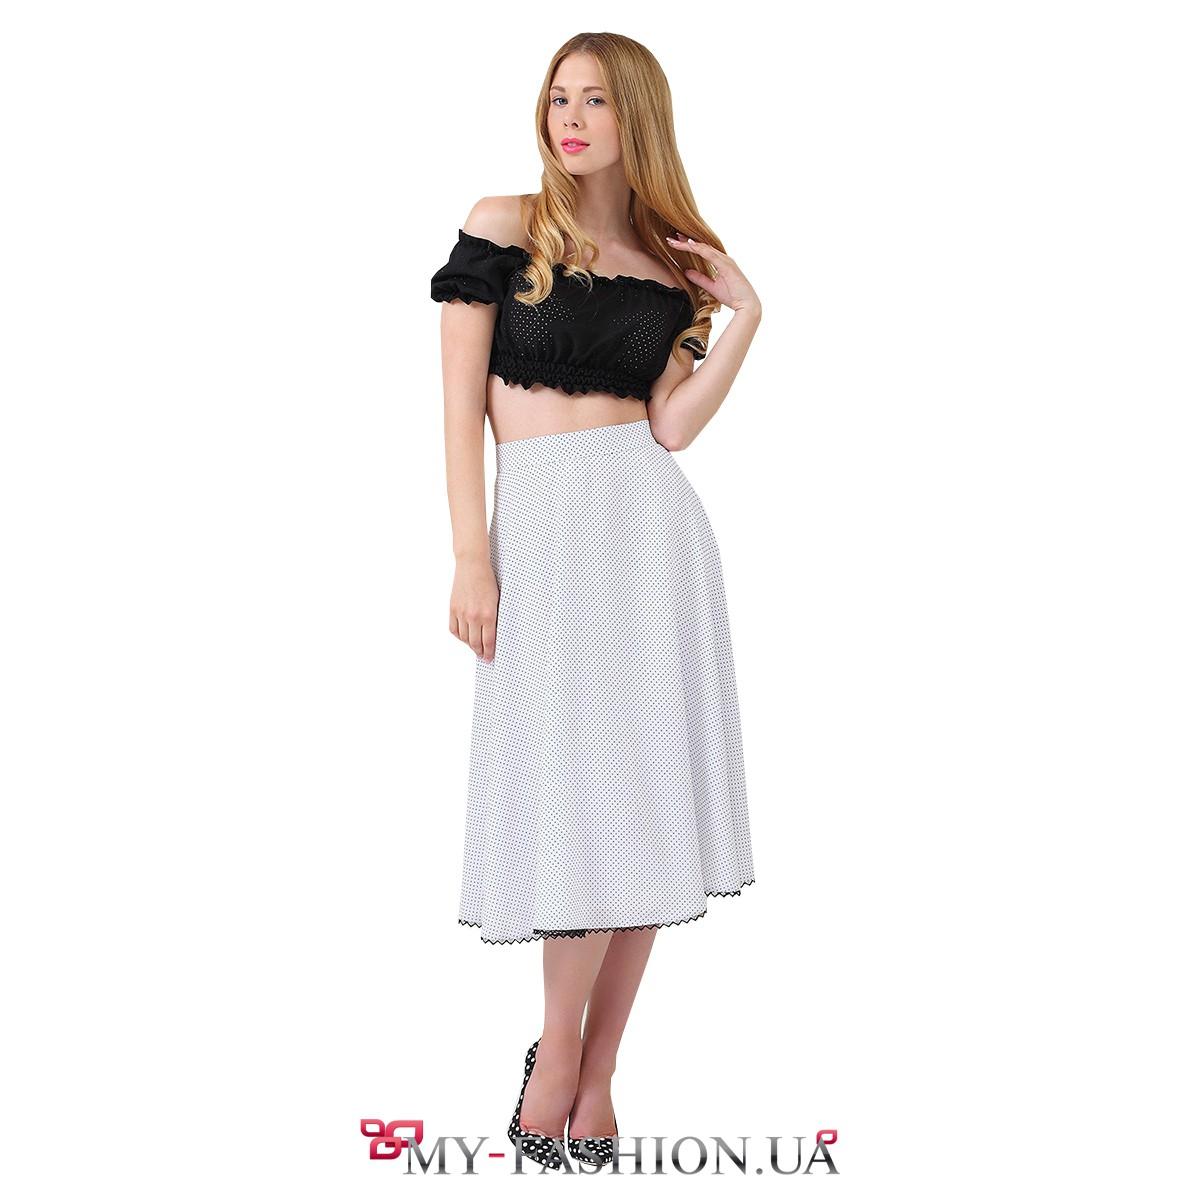 Белая юбка в горошек купить